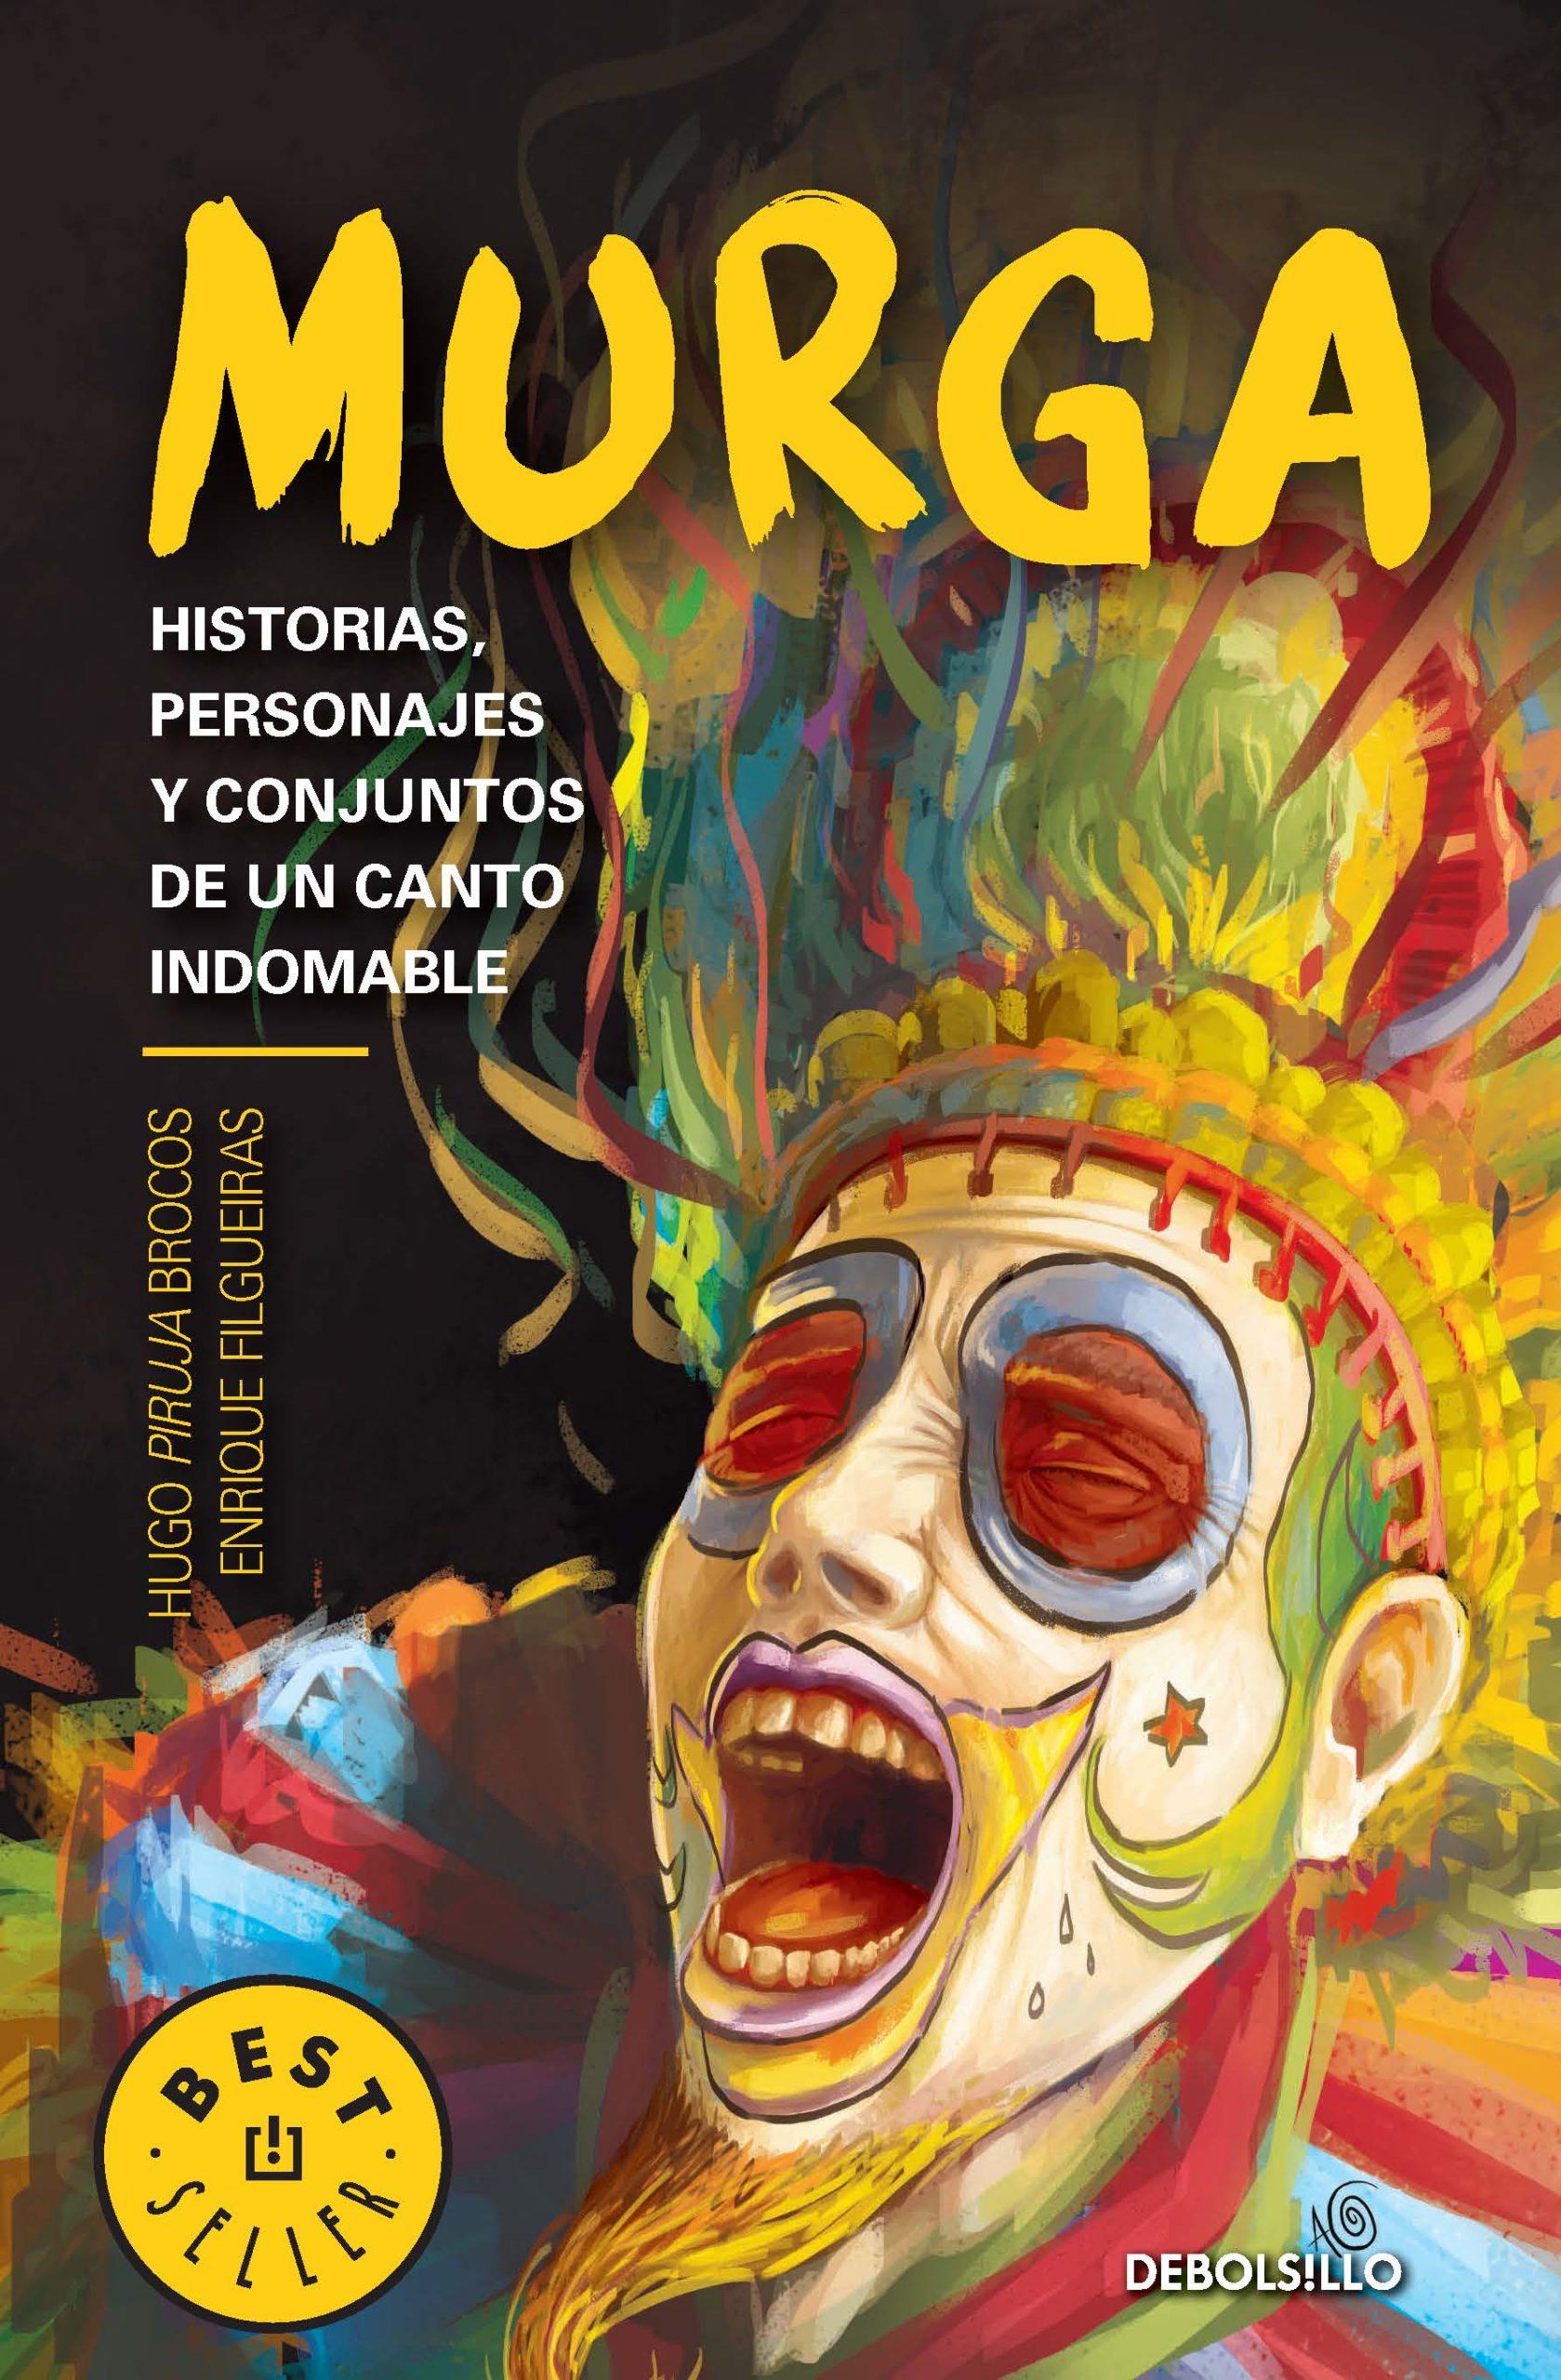 Murga: Historias, personajes y conjuntos de un canto indomable - Enrique Filgueiras/Hugo Brocos